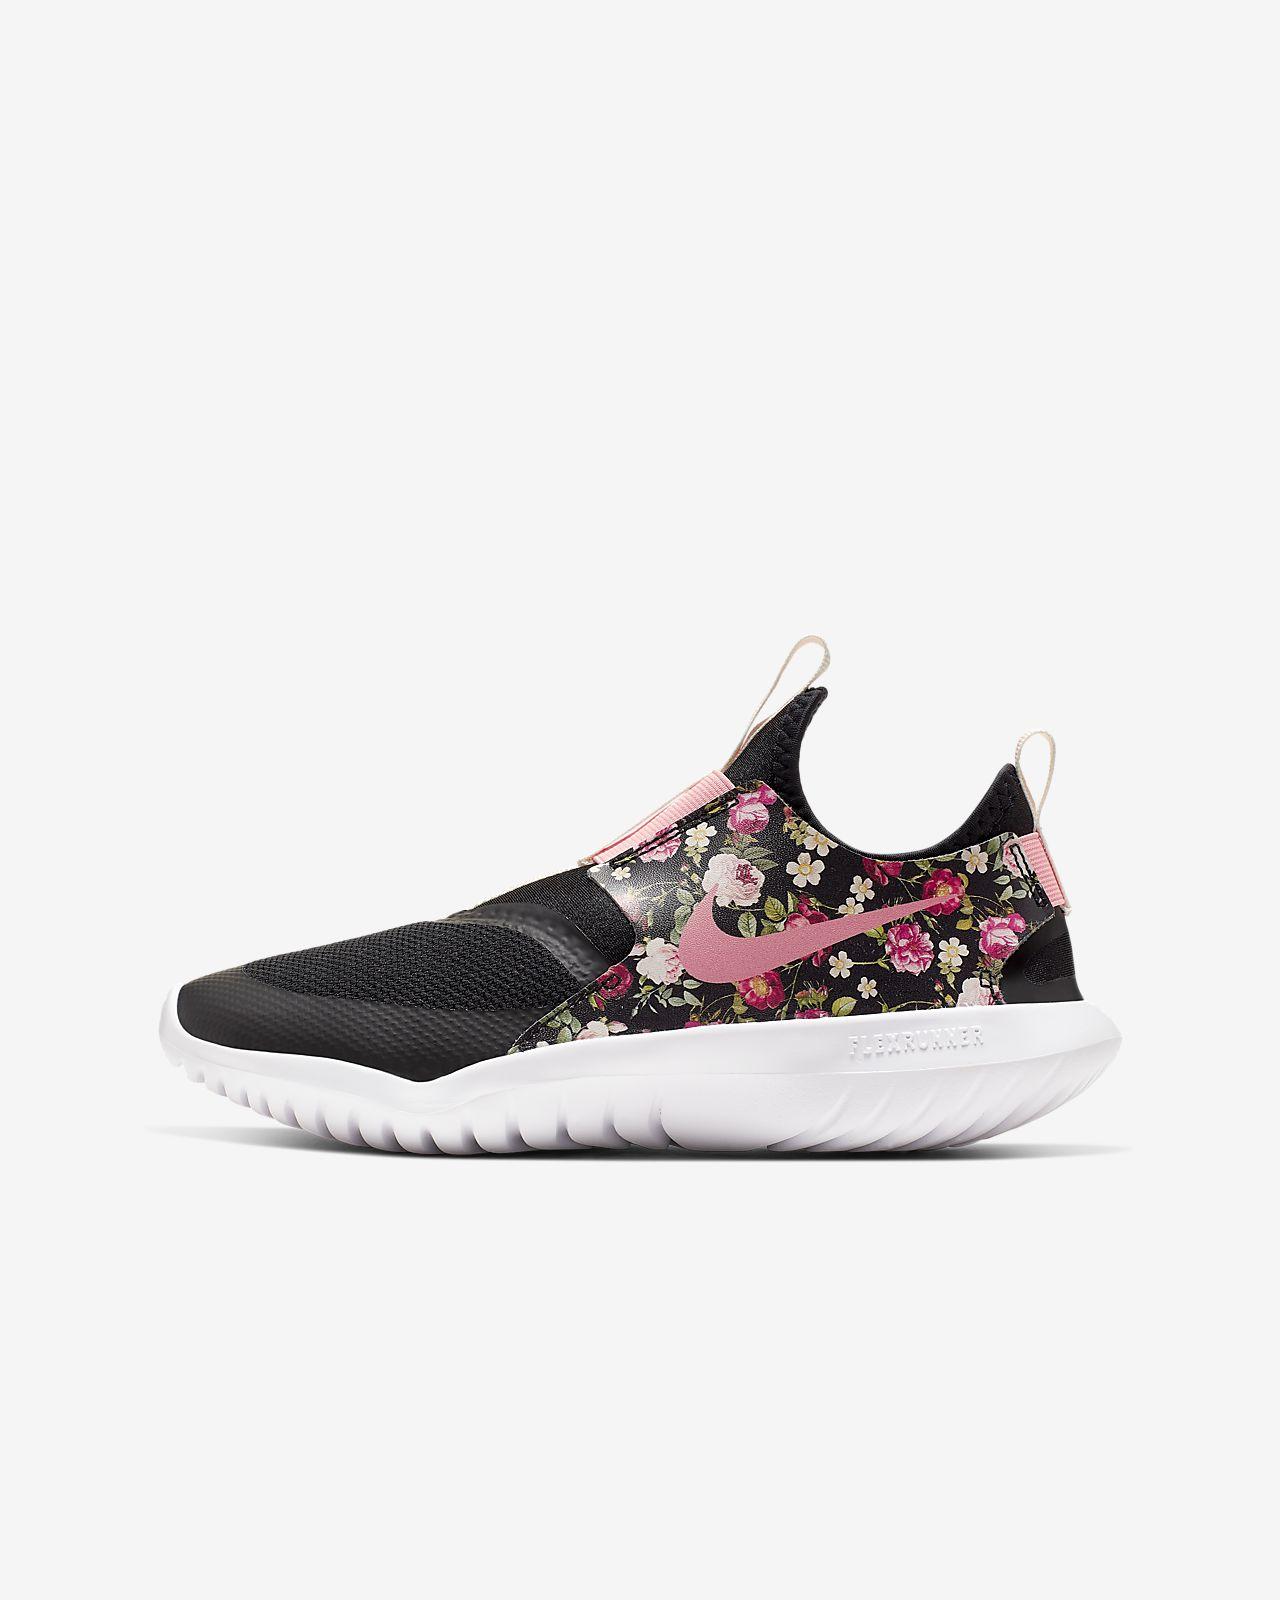 Nike Flex Runner Vintage Floral Big Kids' Shoe